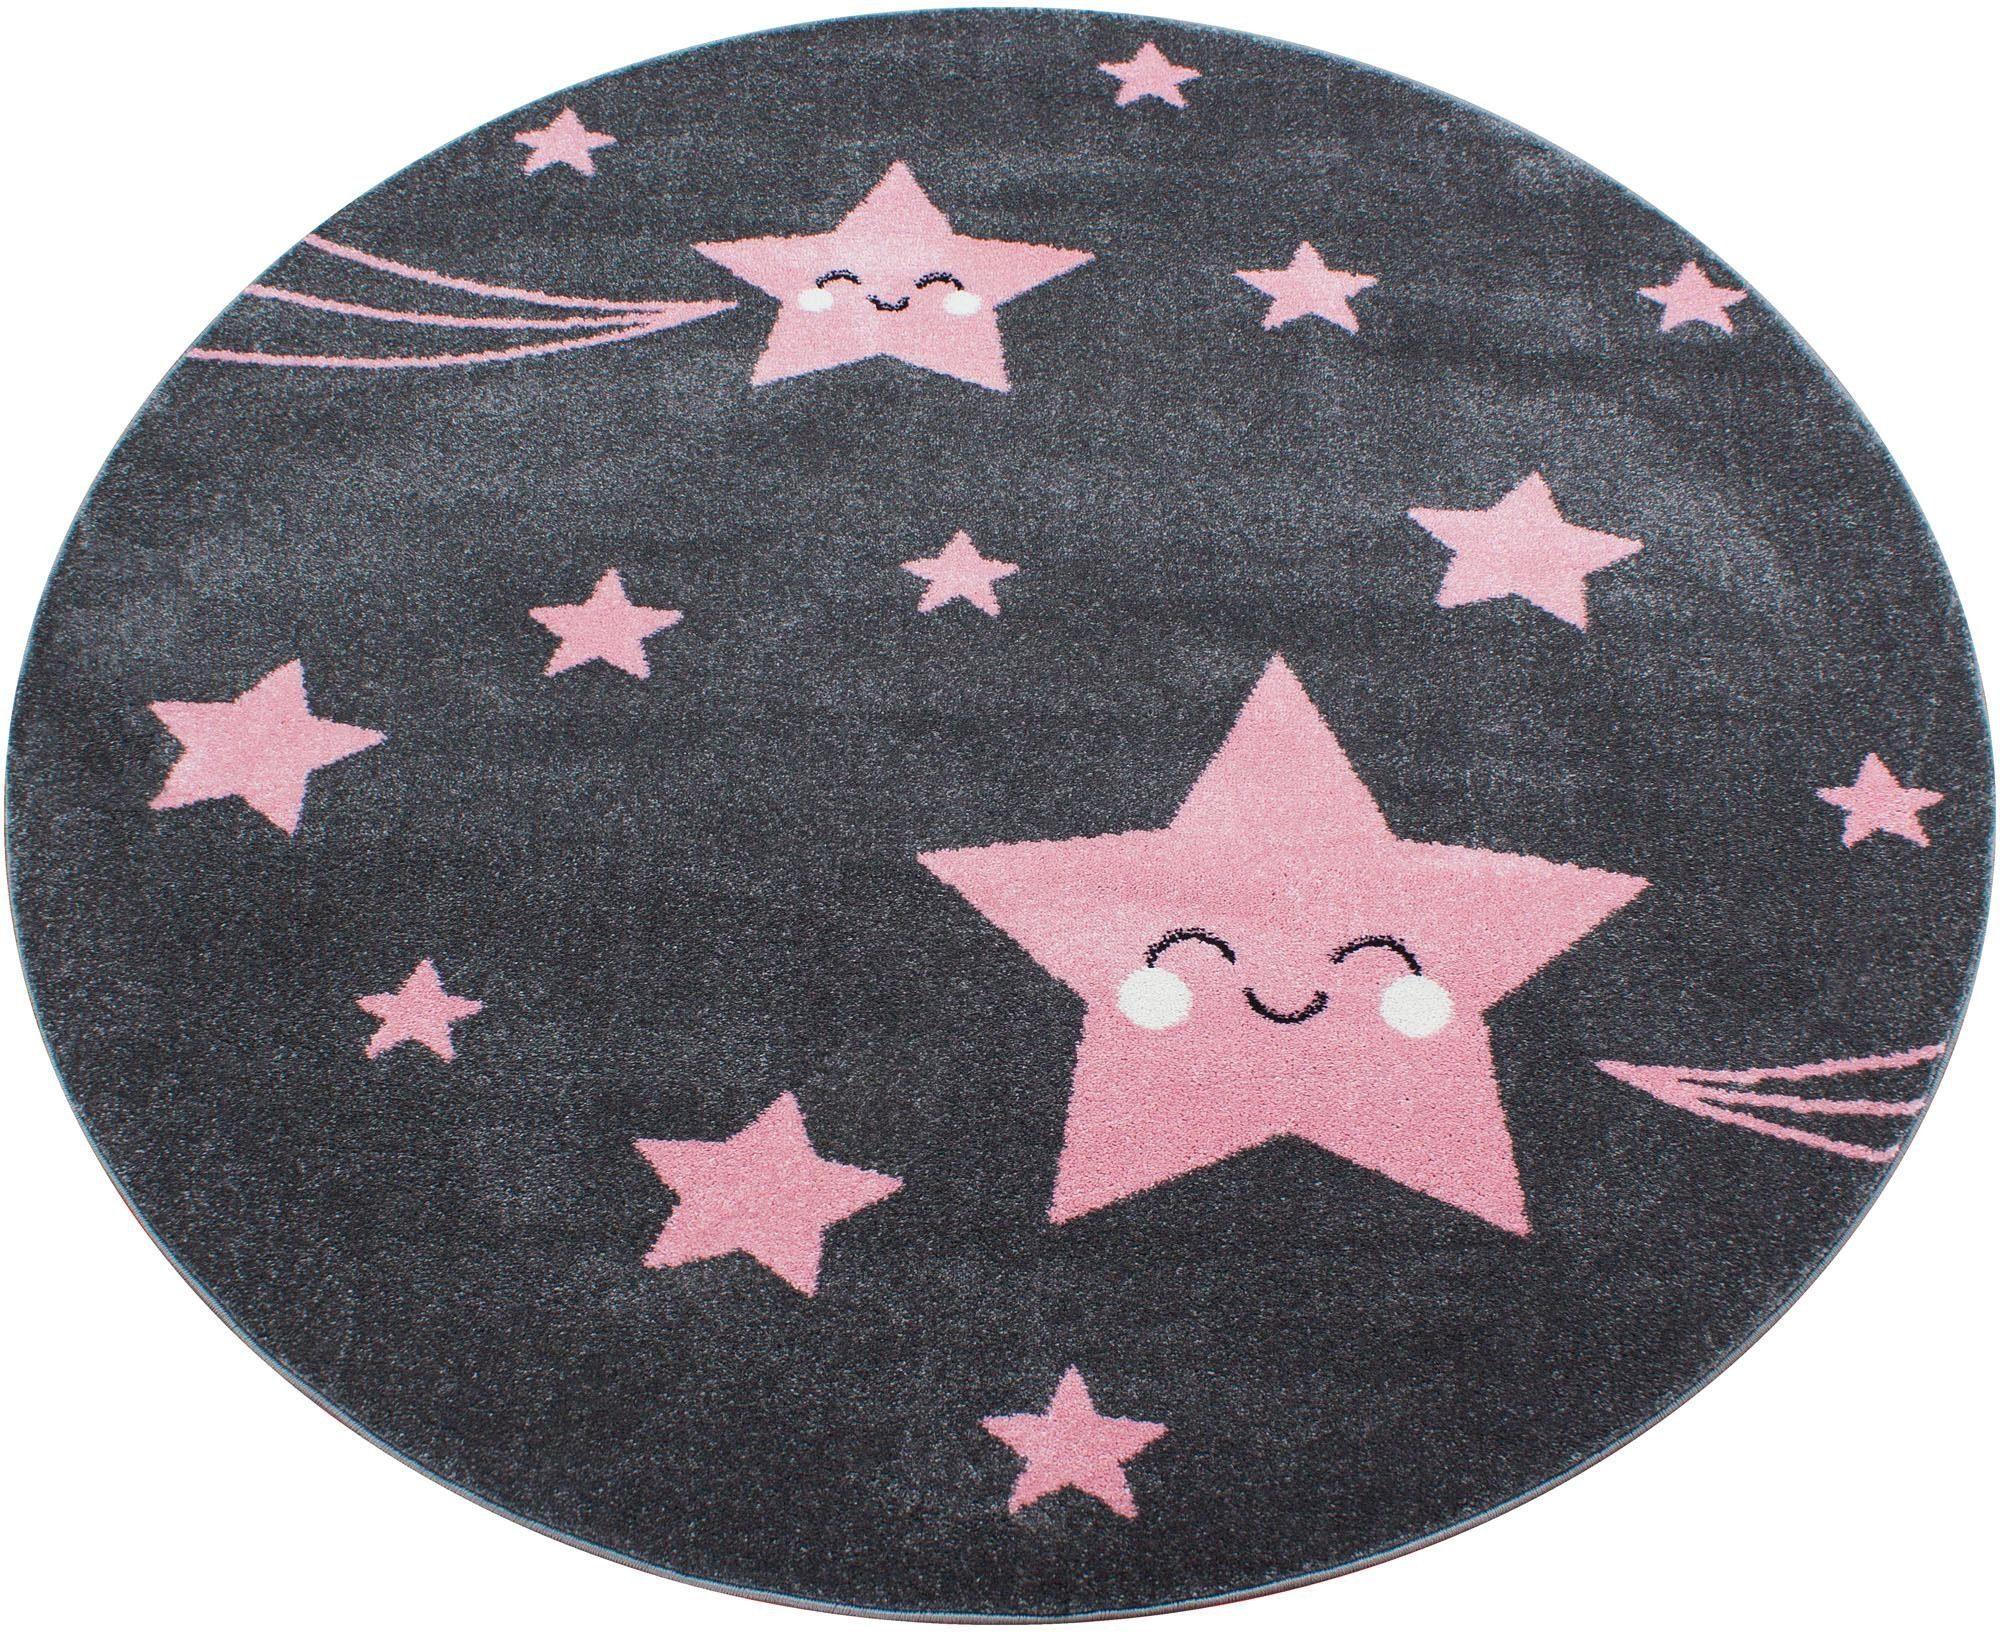 Rond Vloerkleed Kinderkamer : Vloerkleed voor de kinderkamer kids « ayyildiz teppiche